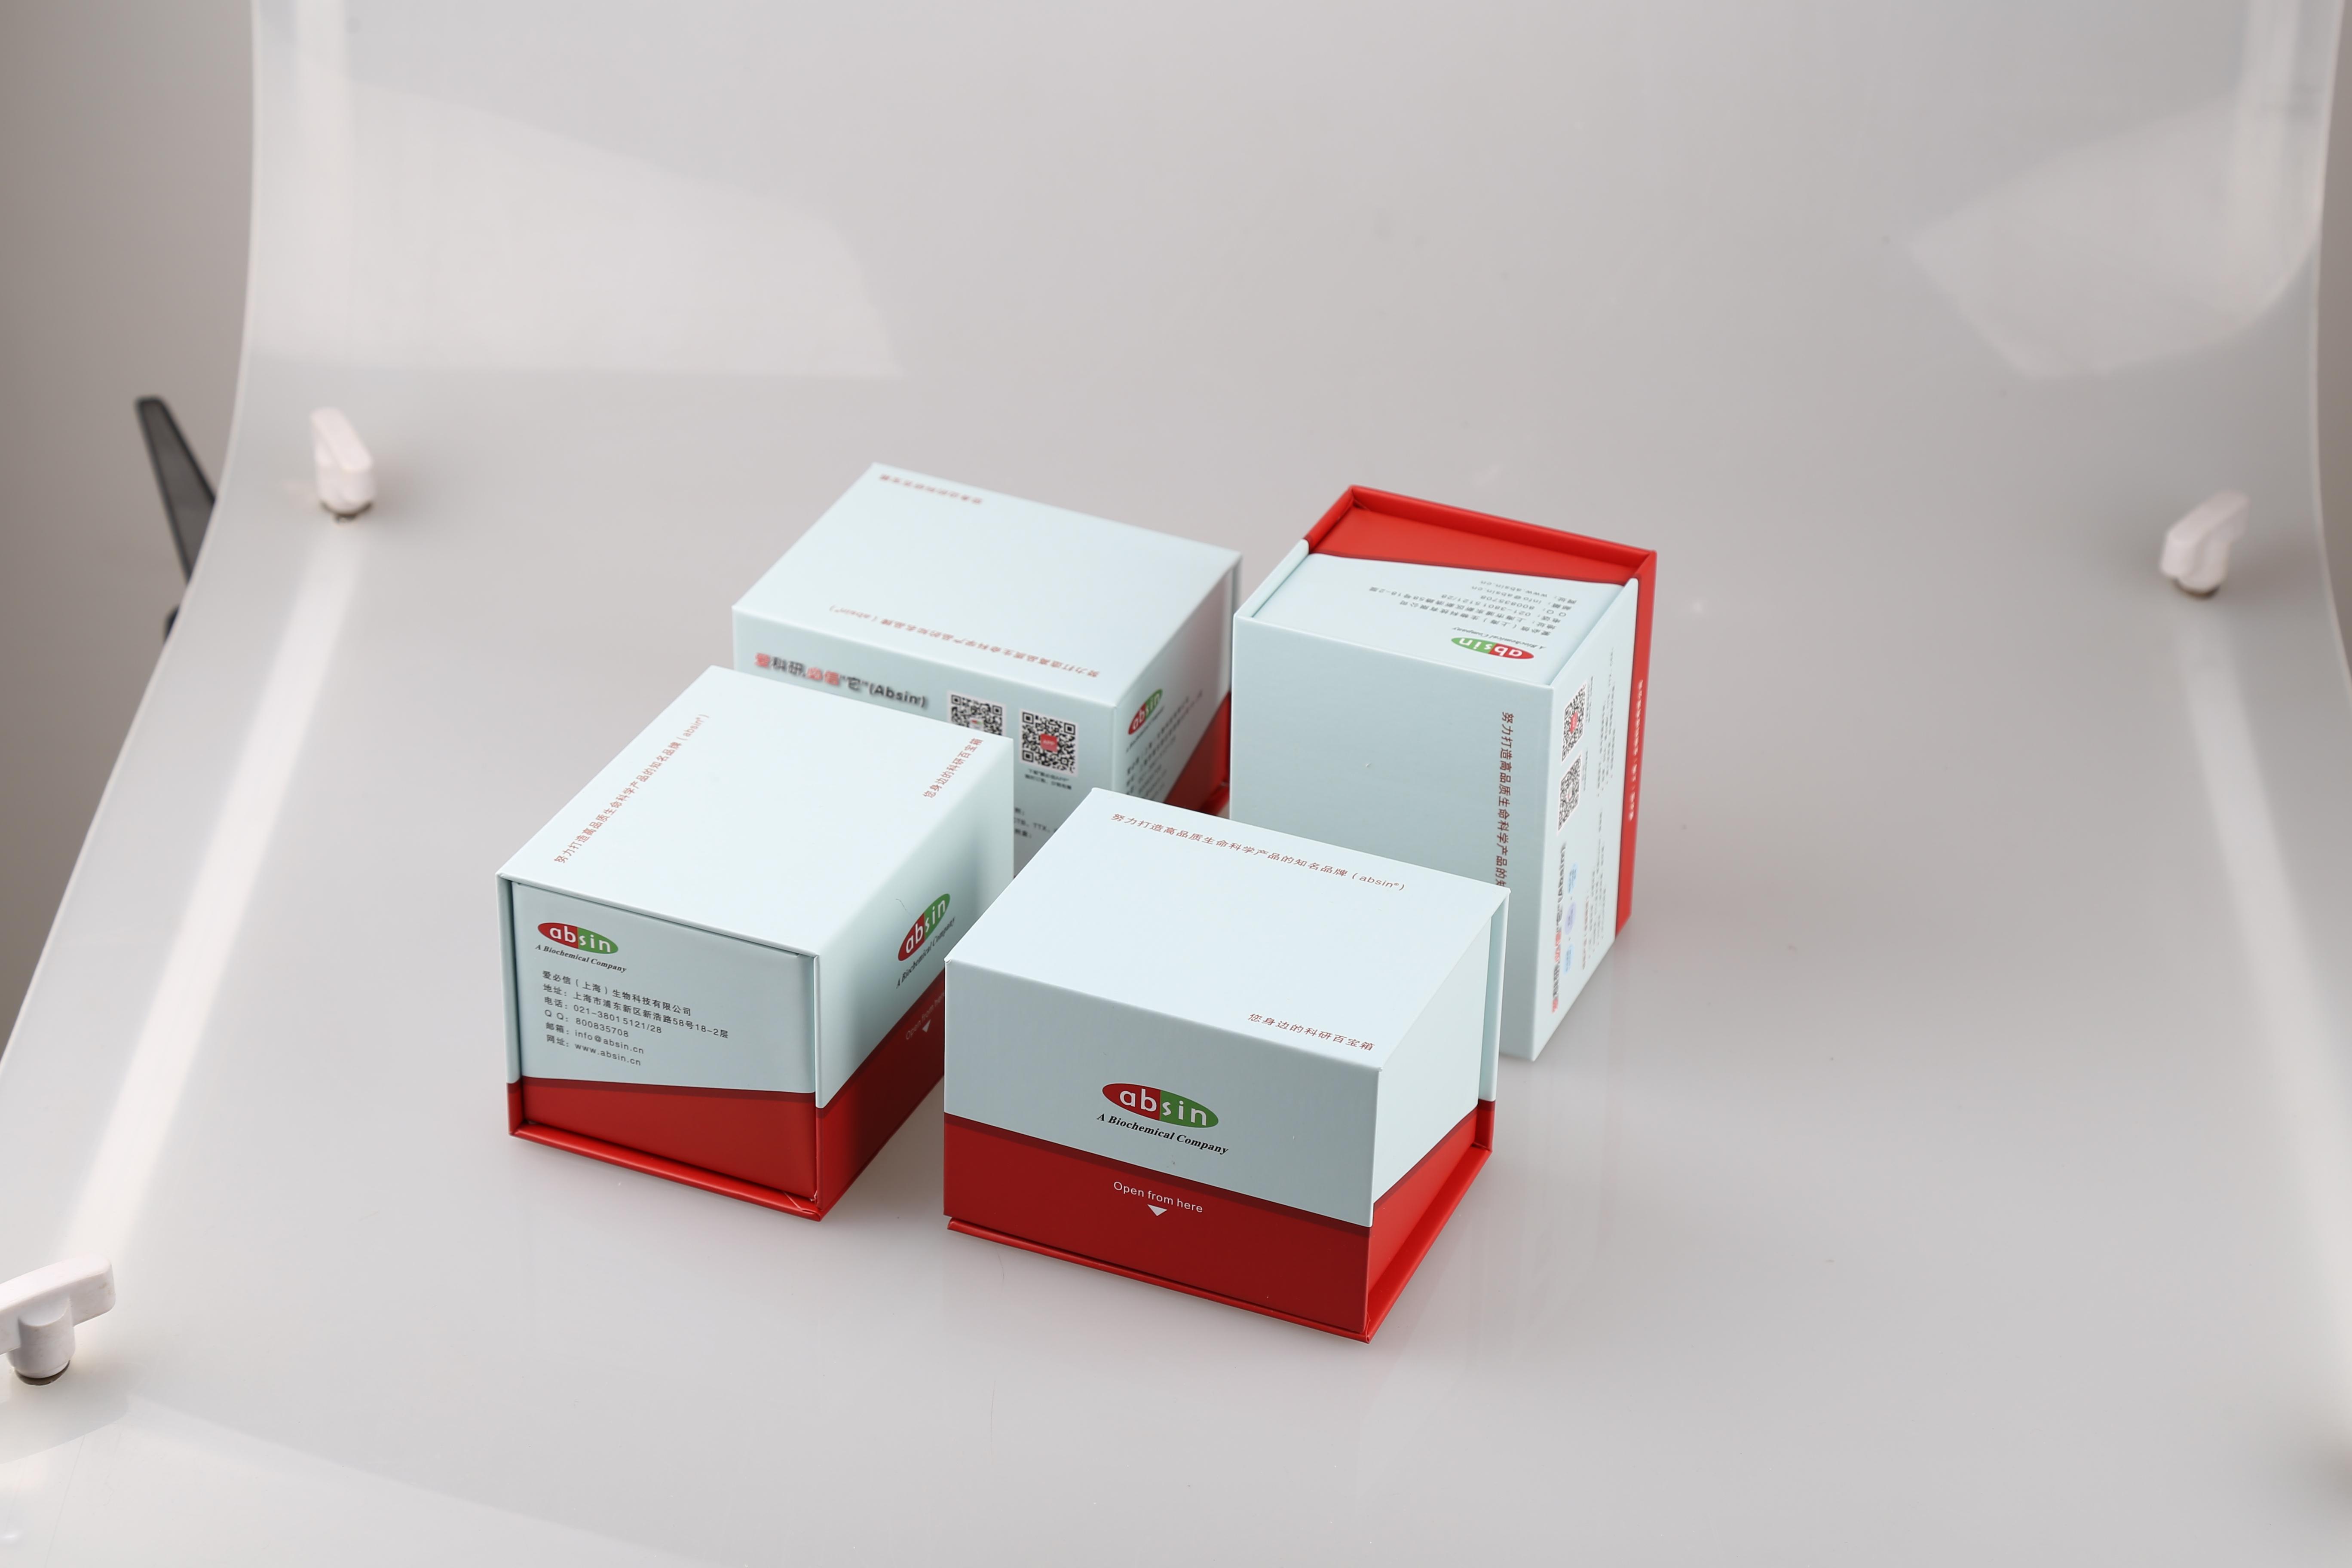 即用型高效免疫组化二抗试剂盒